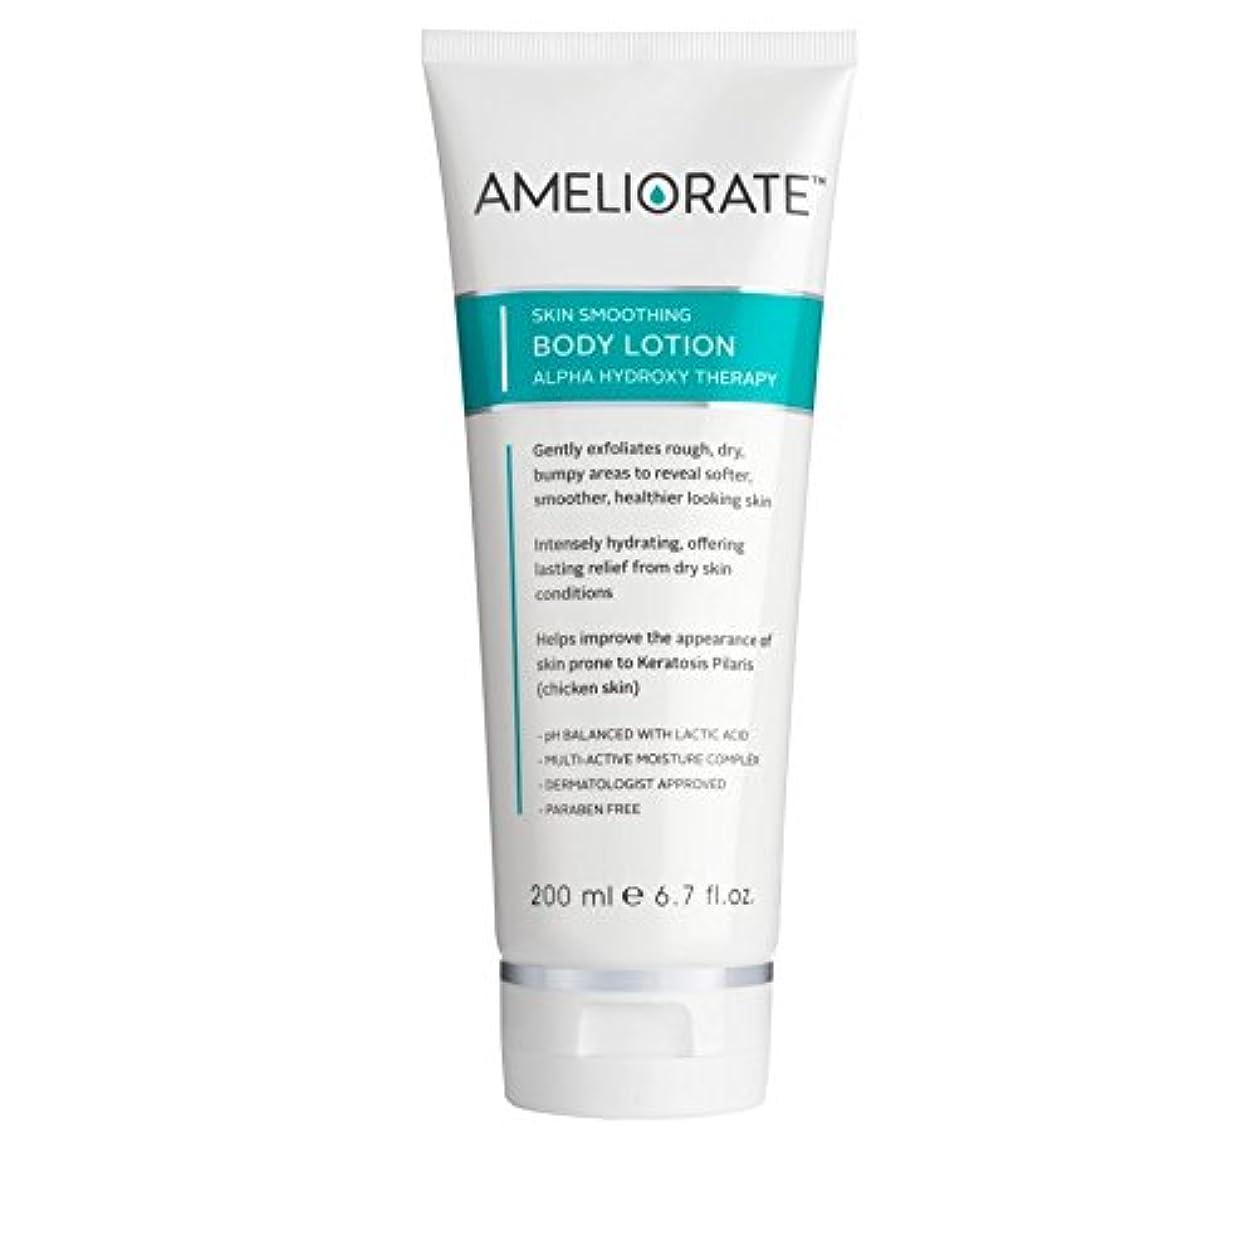 脚本歌詞葡萄Ameliorate Skin Smoothing Body Lotion 200ml - ボディローション200ミリリットルを滑らかに肌を改善 [並行輸入品]